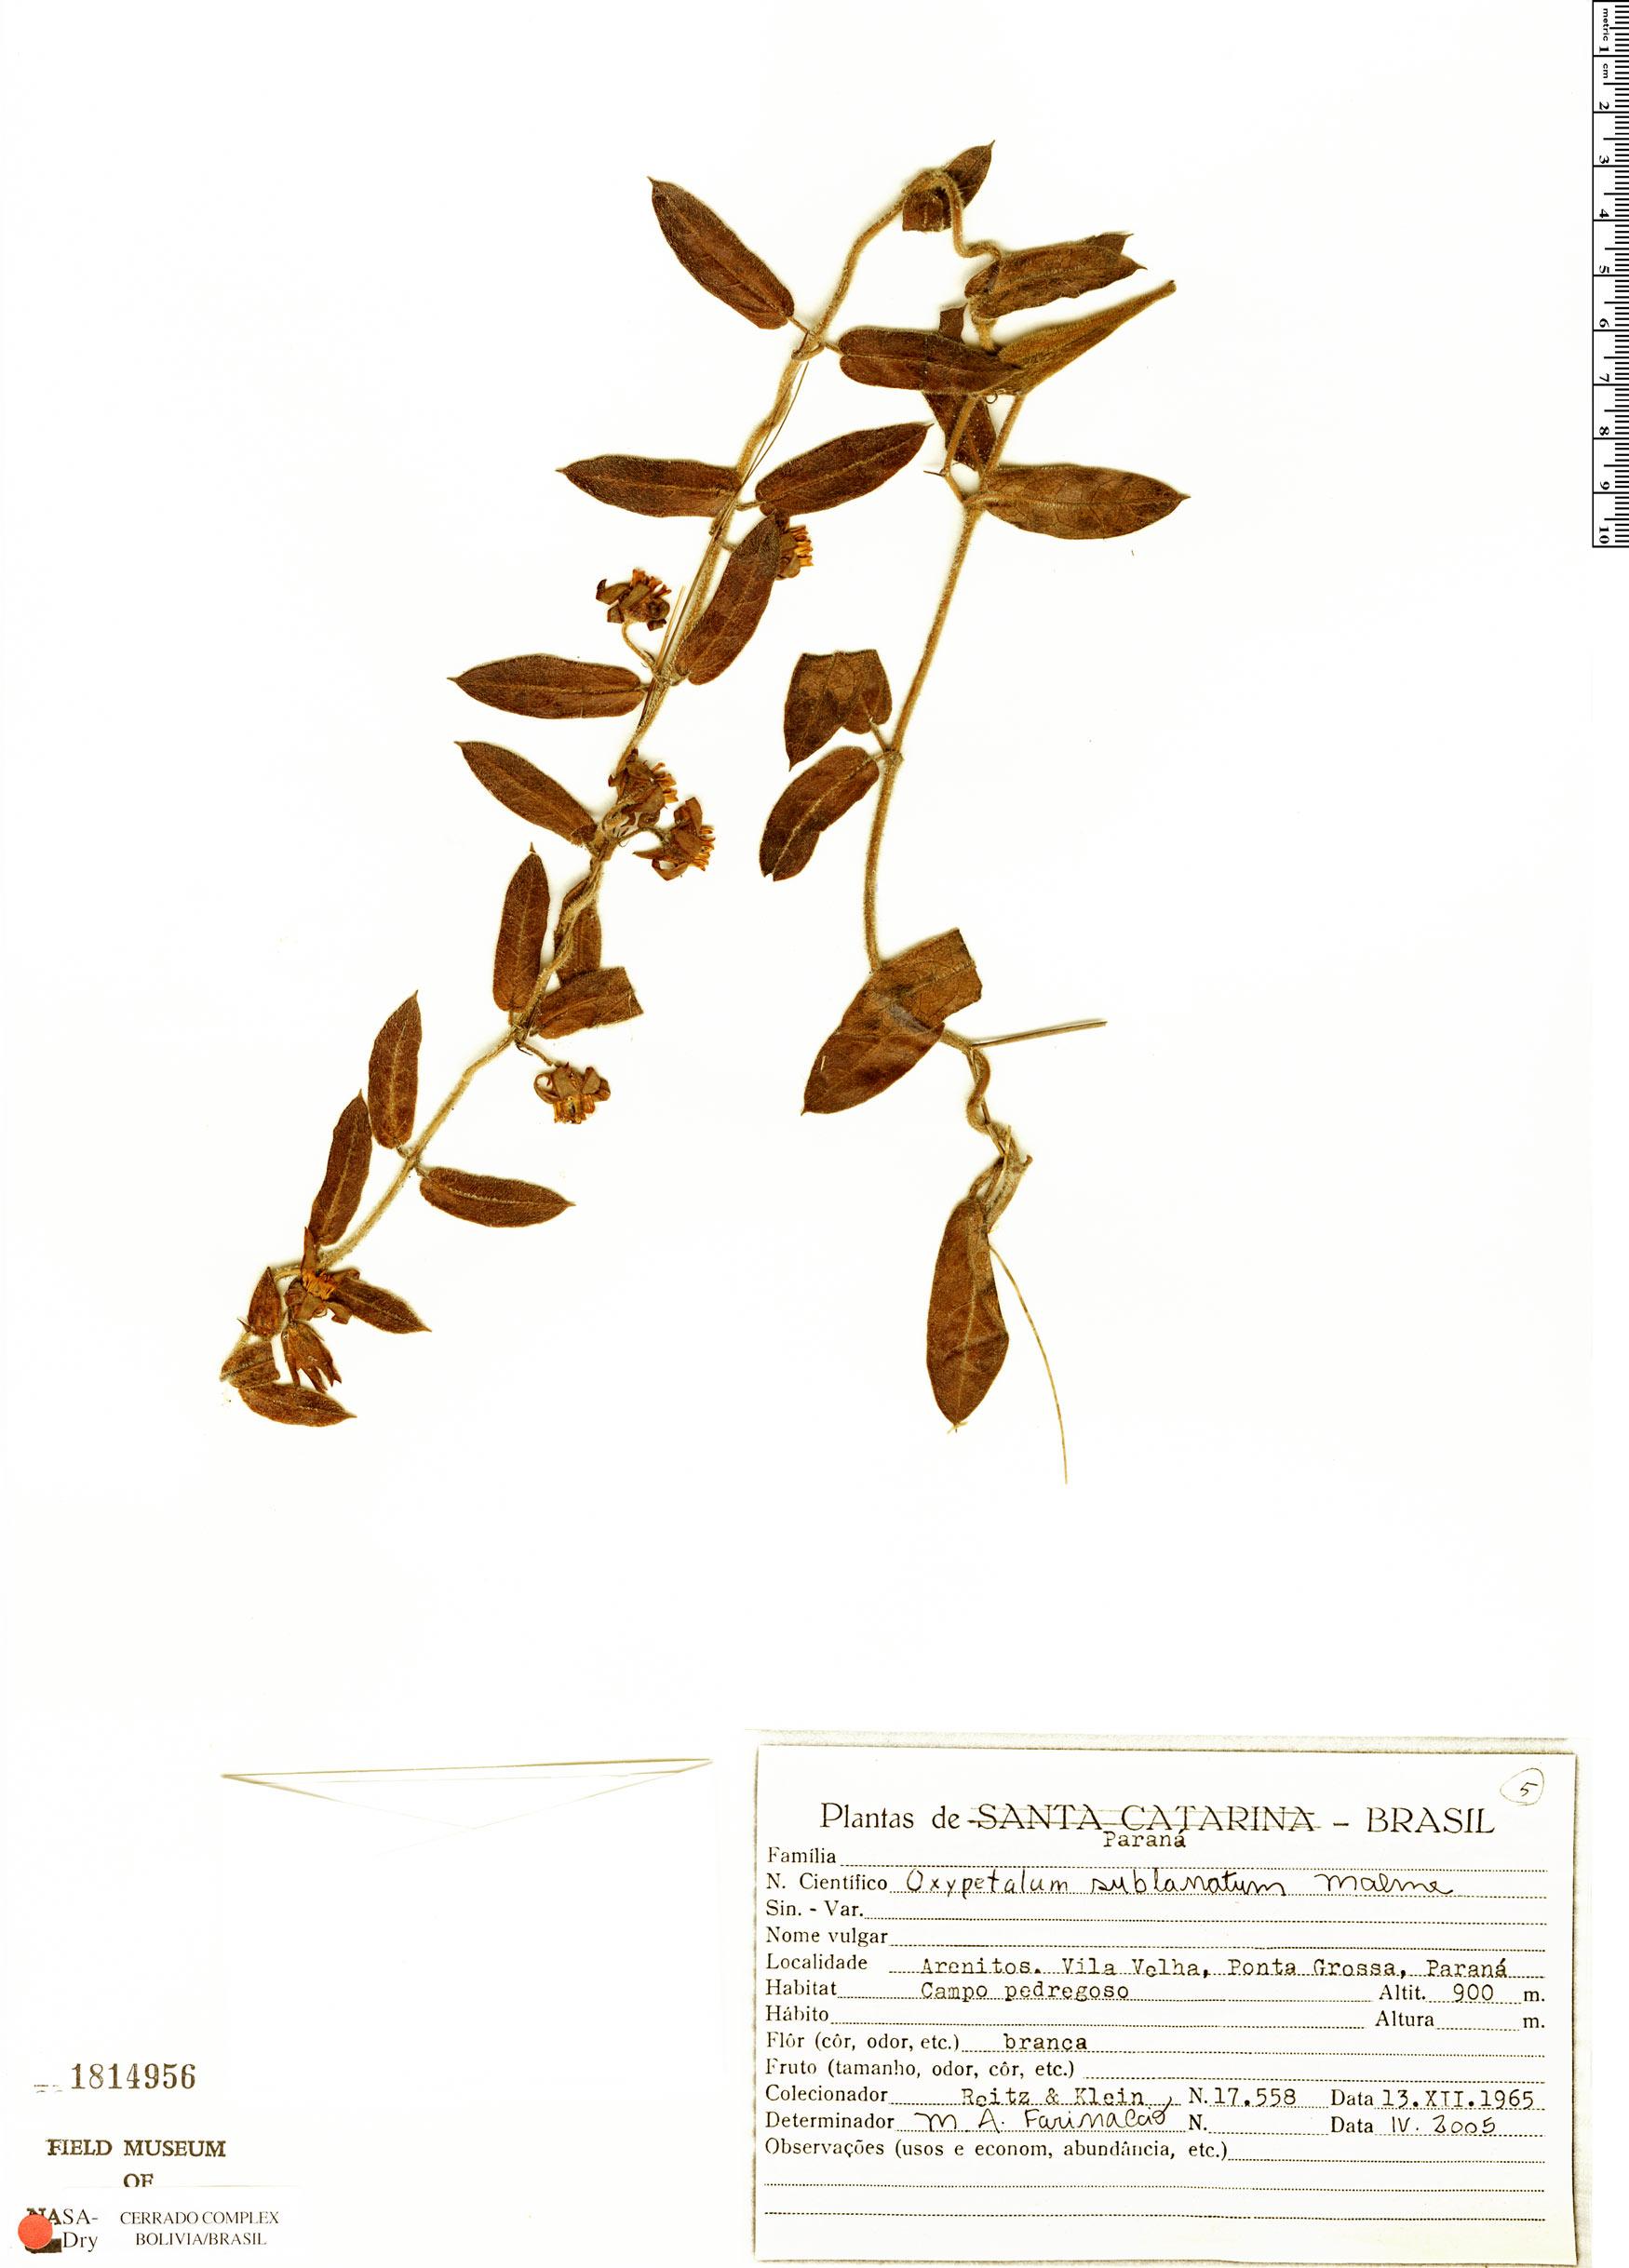 Specimen: Oxypetalum sublanatum